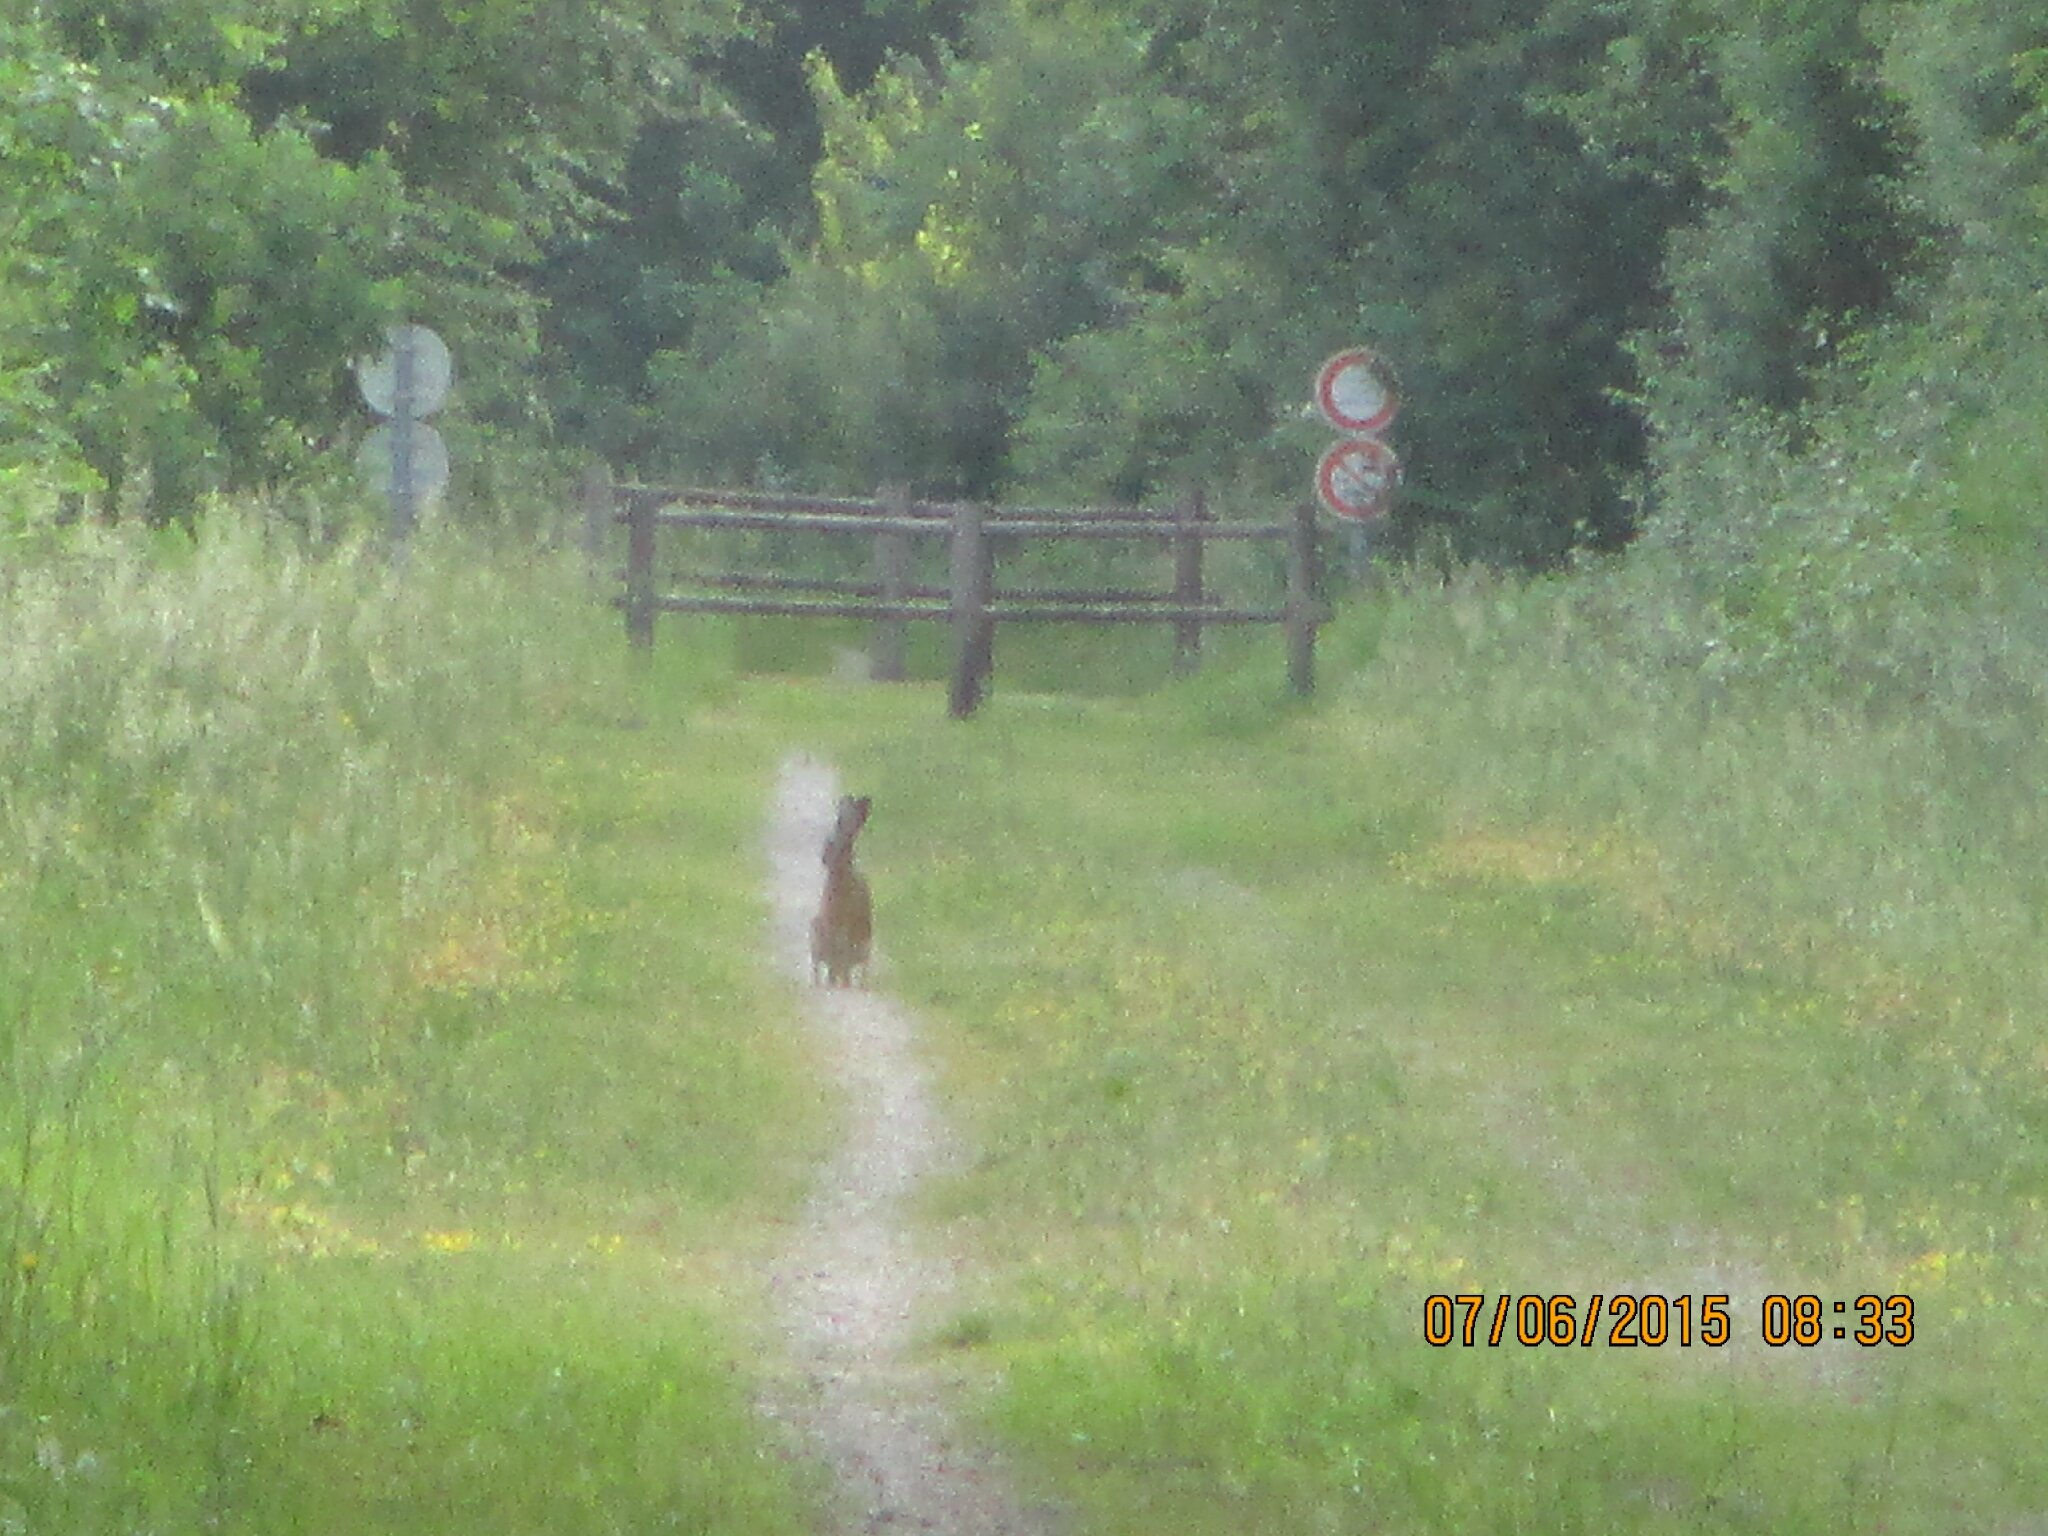 ce matin de bonne heure et de bonne humeur,une balade en vélo toujours dans mon chemin ,le lièvre et la tortue.. l!!